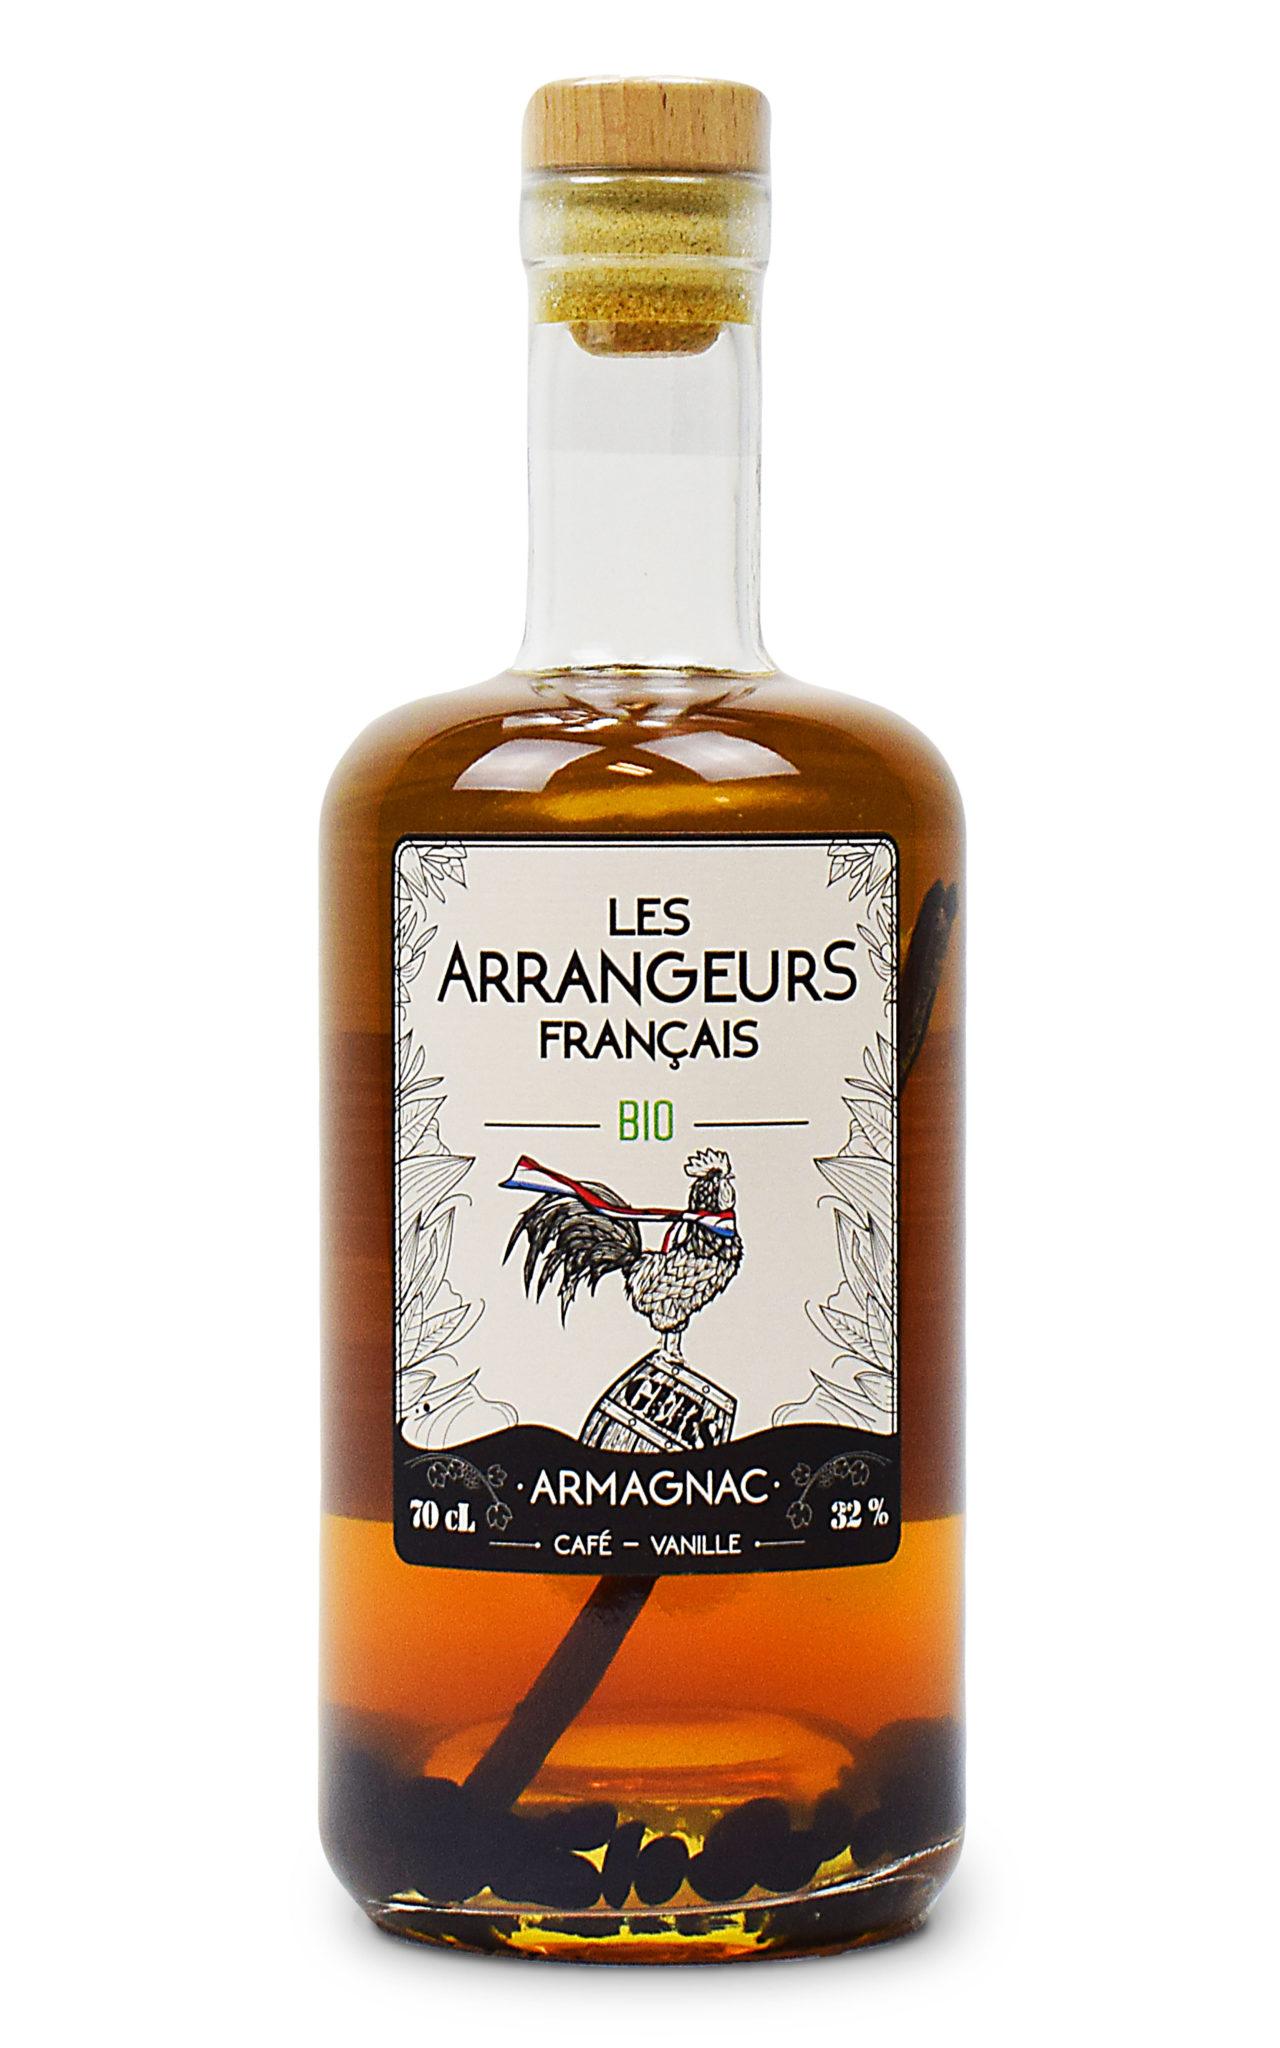 armagnac arrange cafe vanille bio bouteille les arrangeurs francais bouteille fabriquée dans le gers artisan